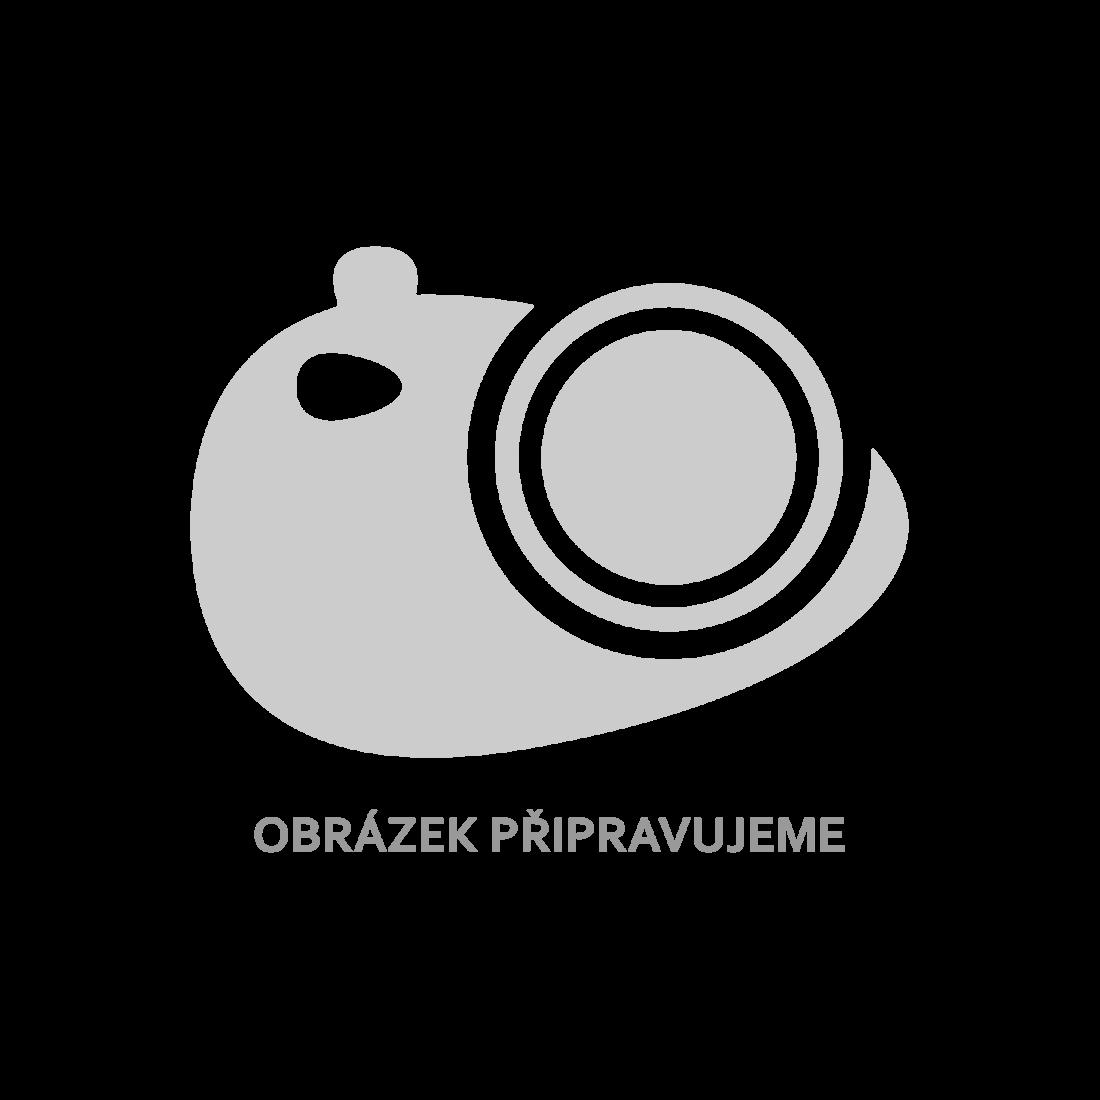 Prostorný počítačový a pracovní stůl v jednom - černý